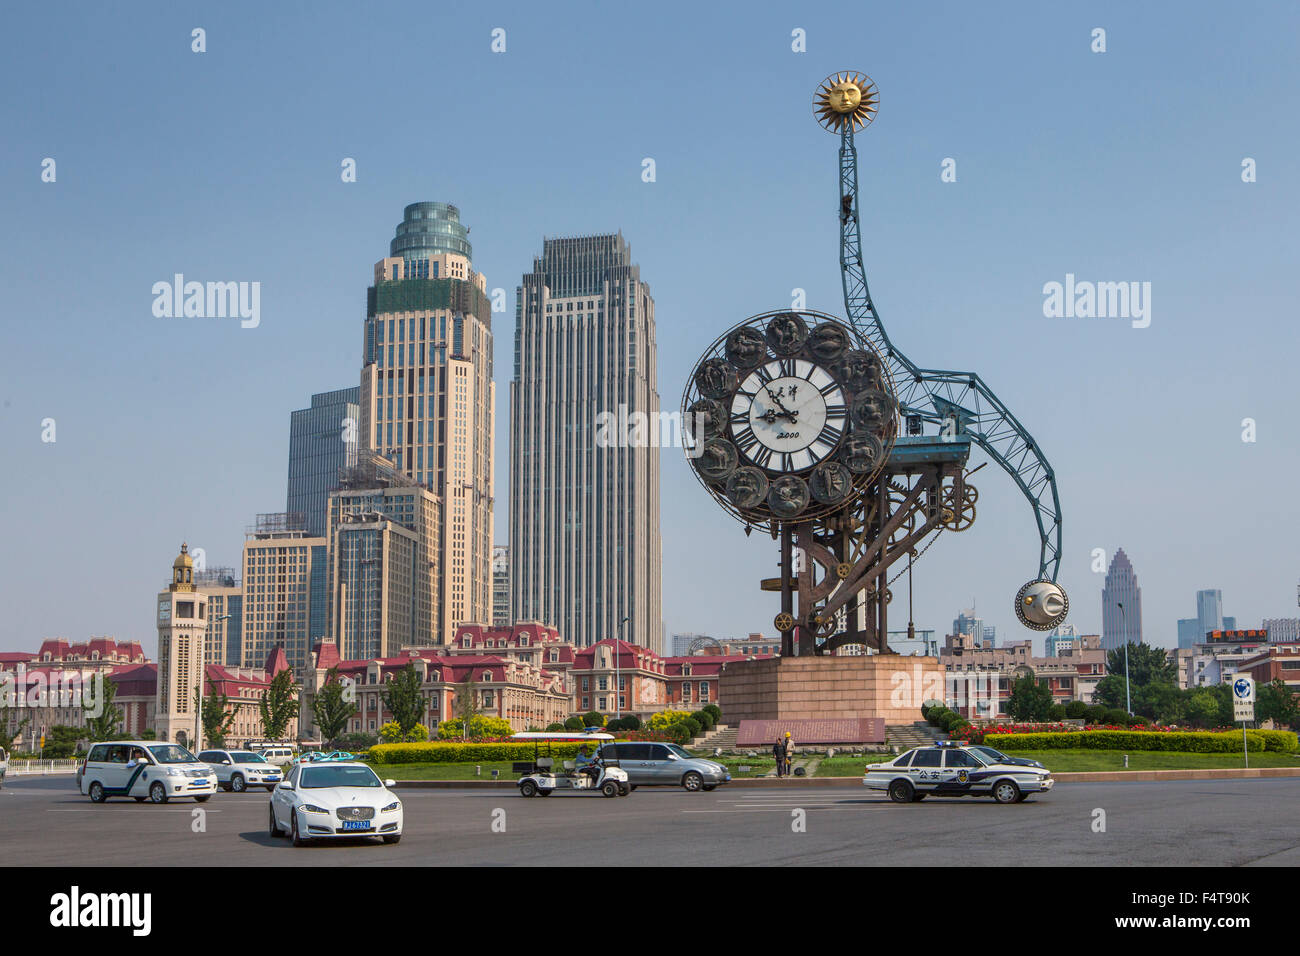 China, Tianjin City, Century Clock, Jinwan Square - Stock Image